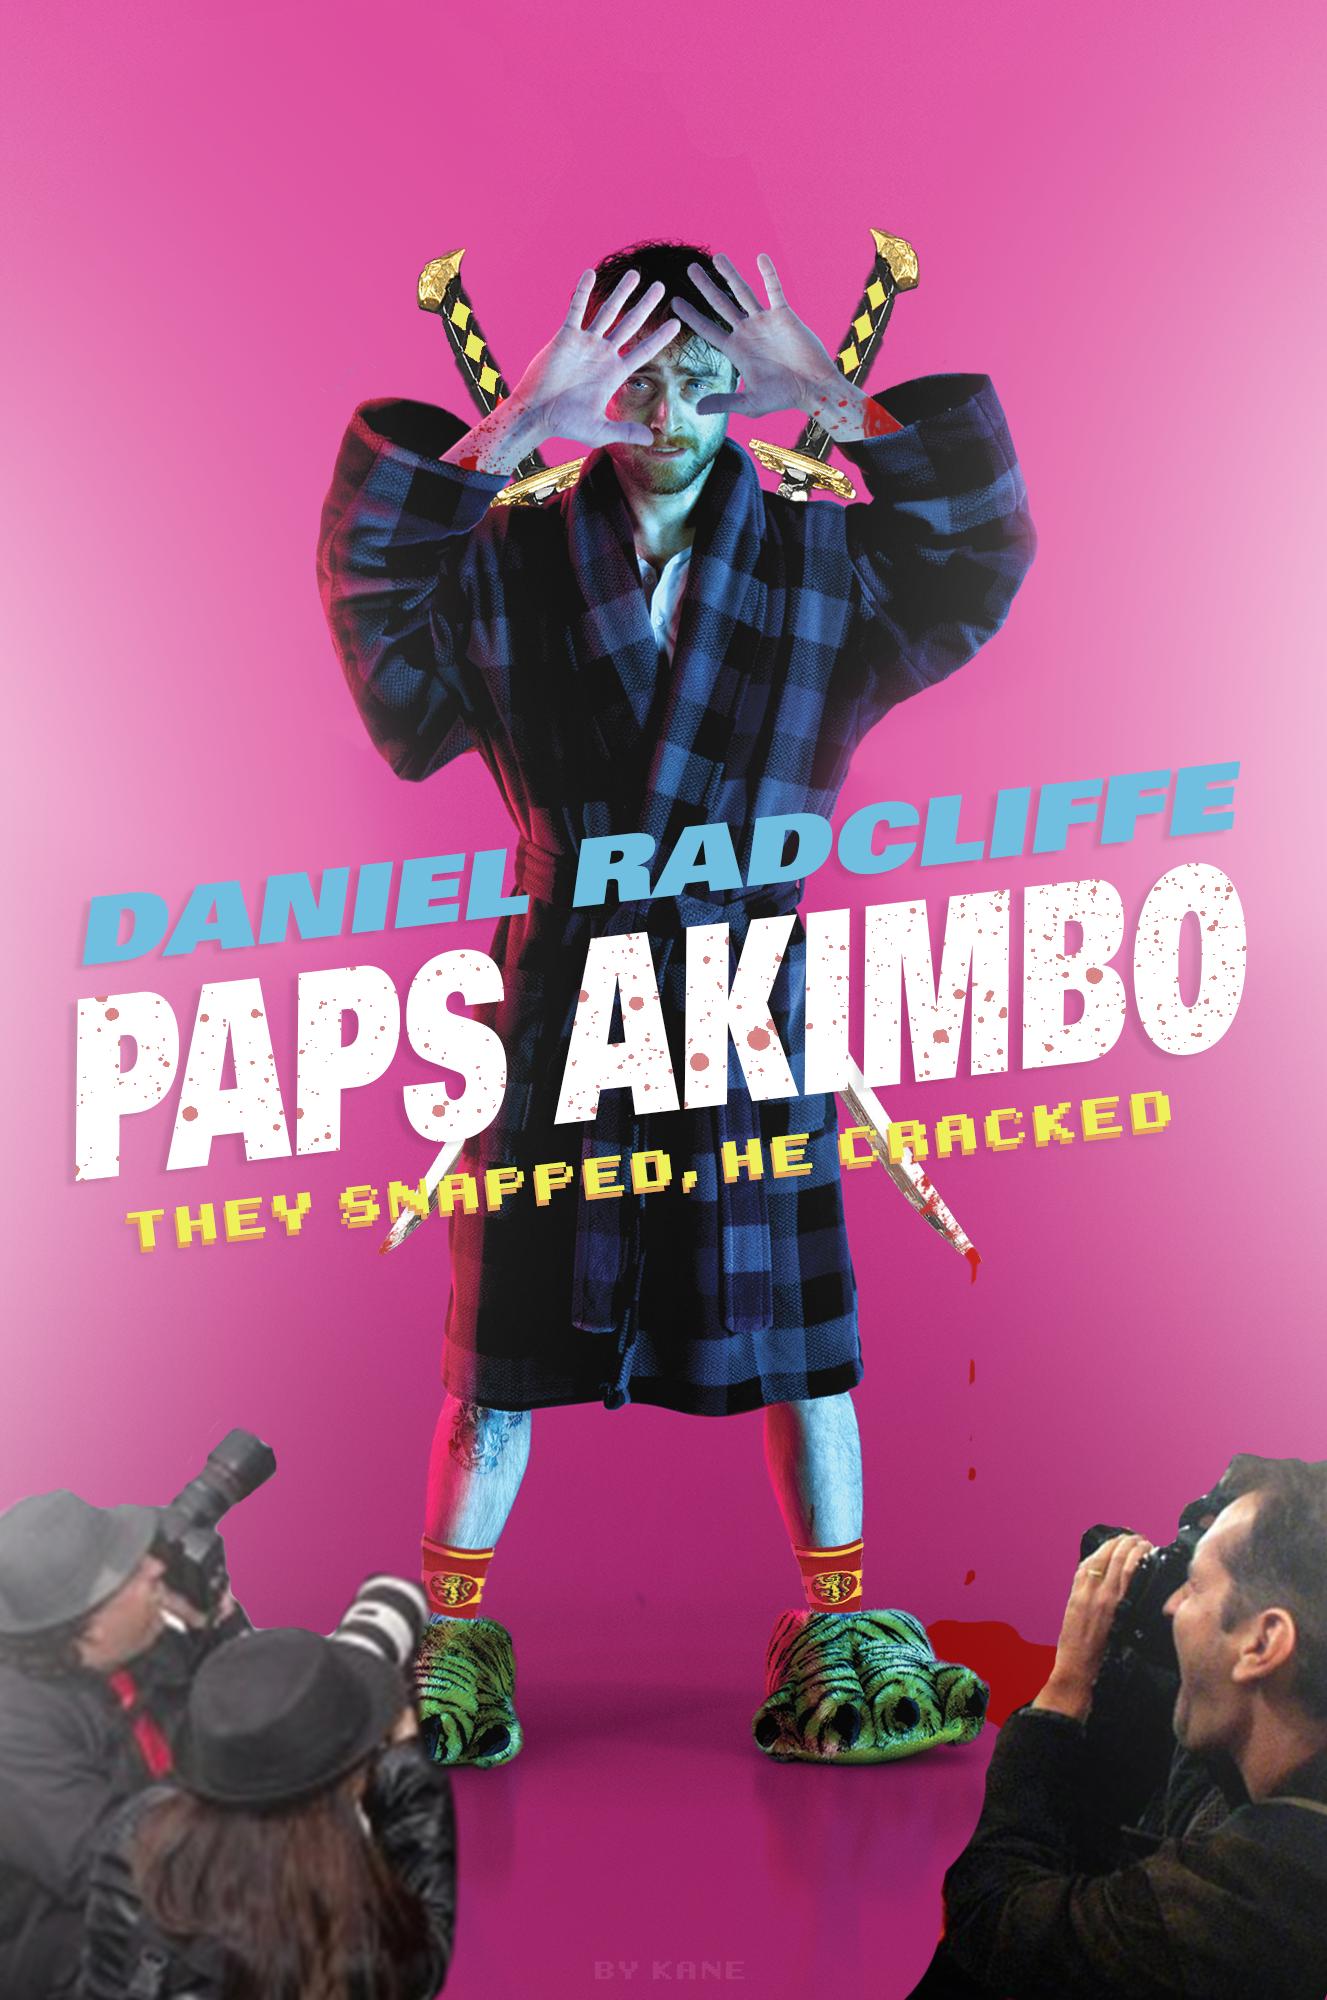 Kane Ryles - Paps Akimbo Poster